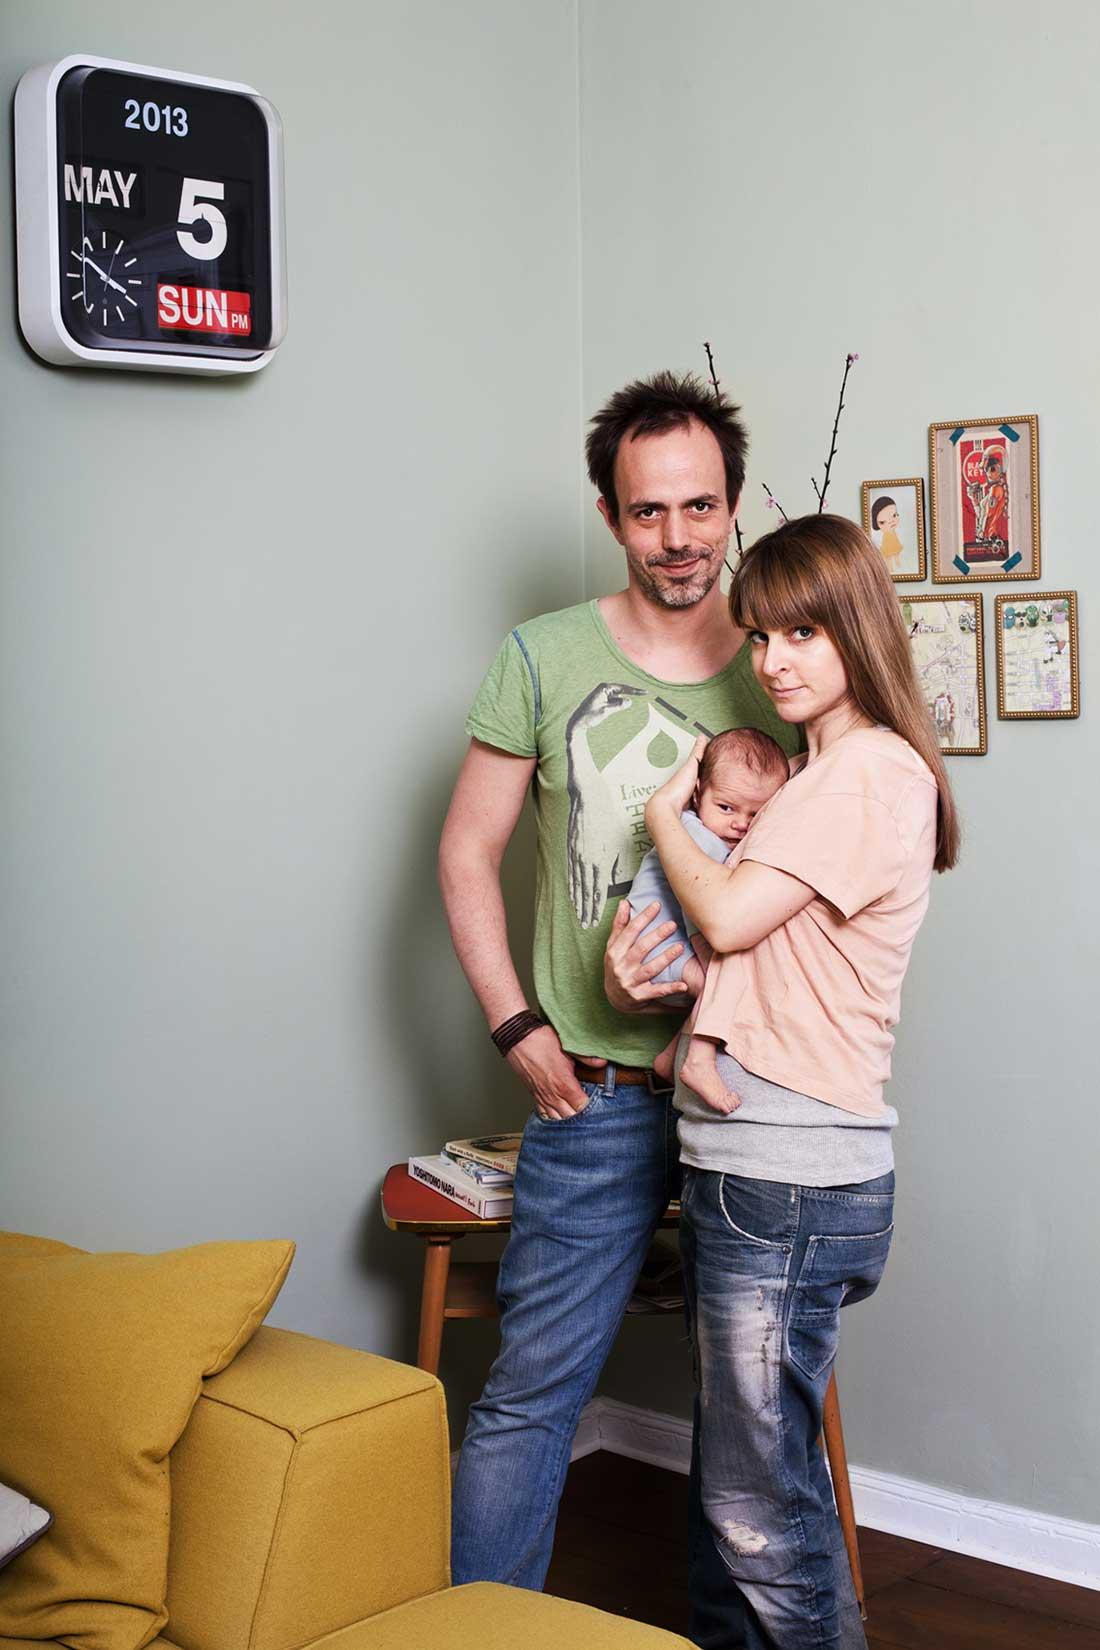 Babyfotografie & Familienportrait, Berlin 2013